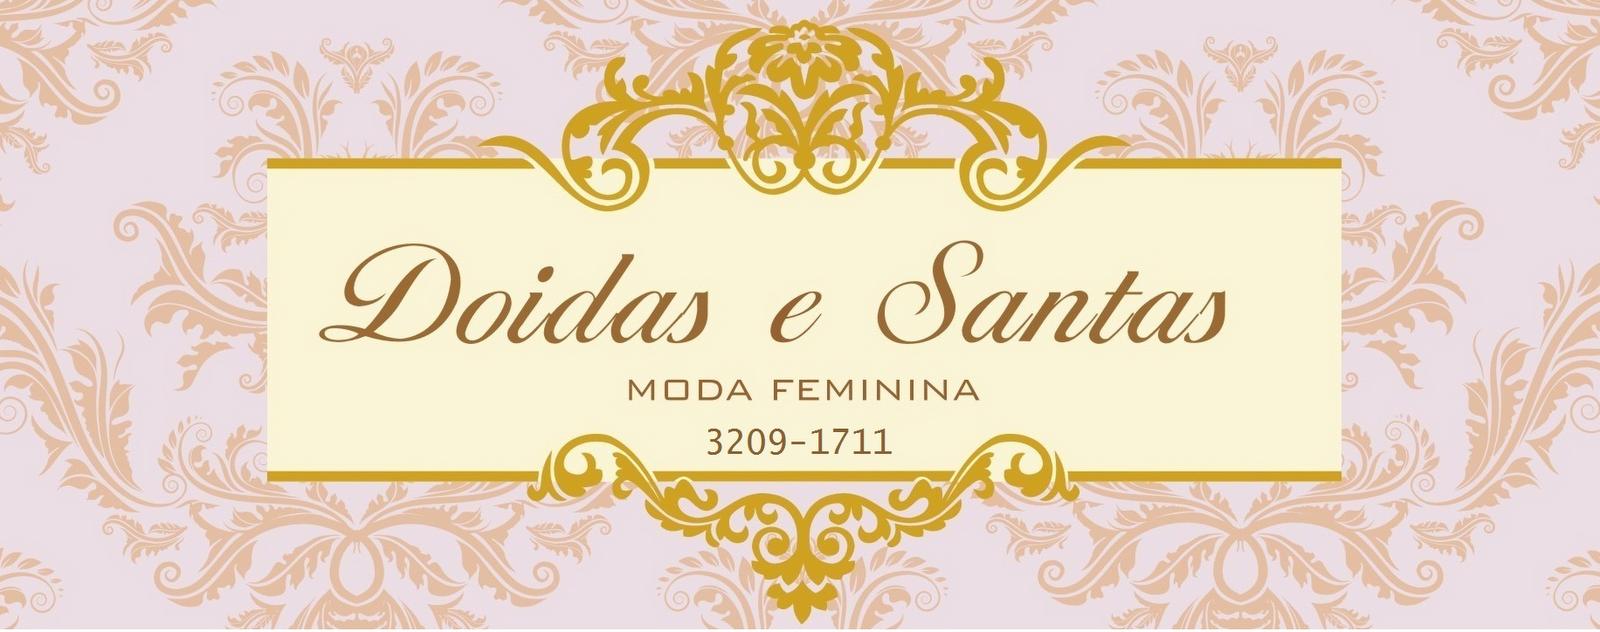 Doidas e Santas Moda Feminina